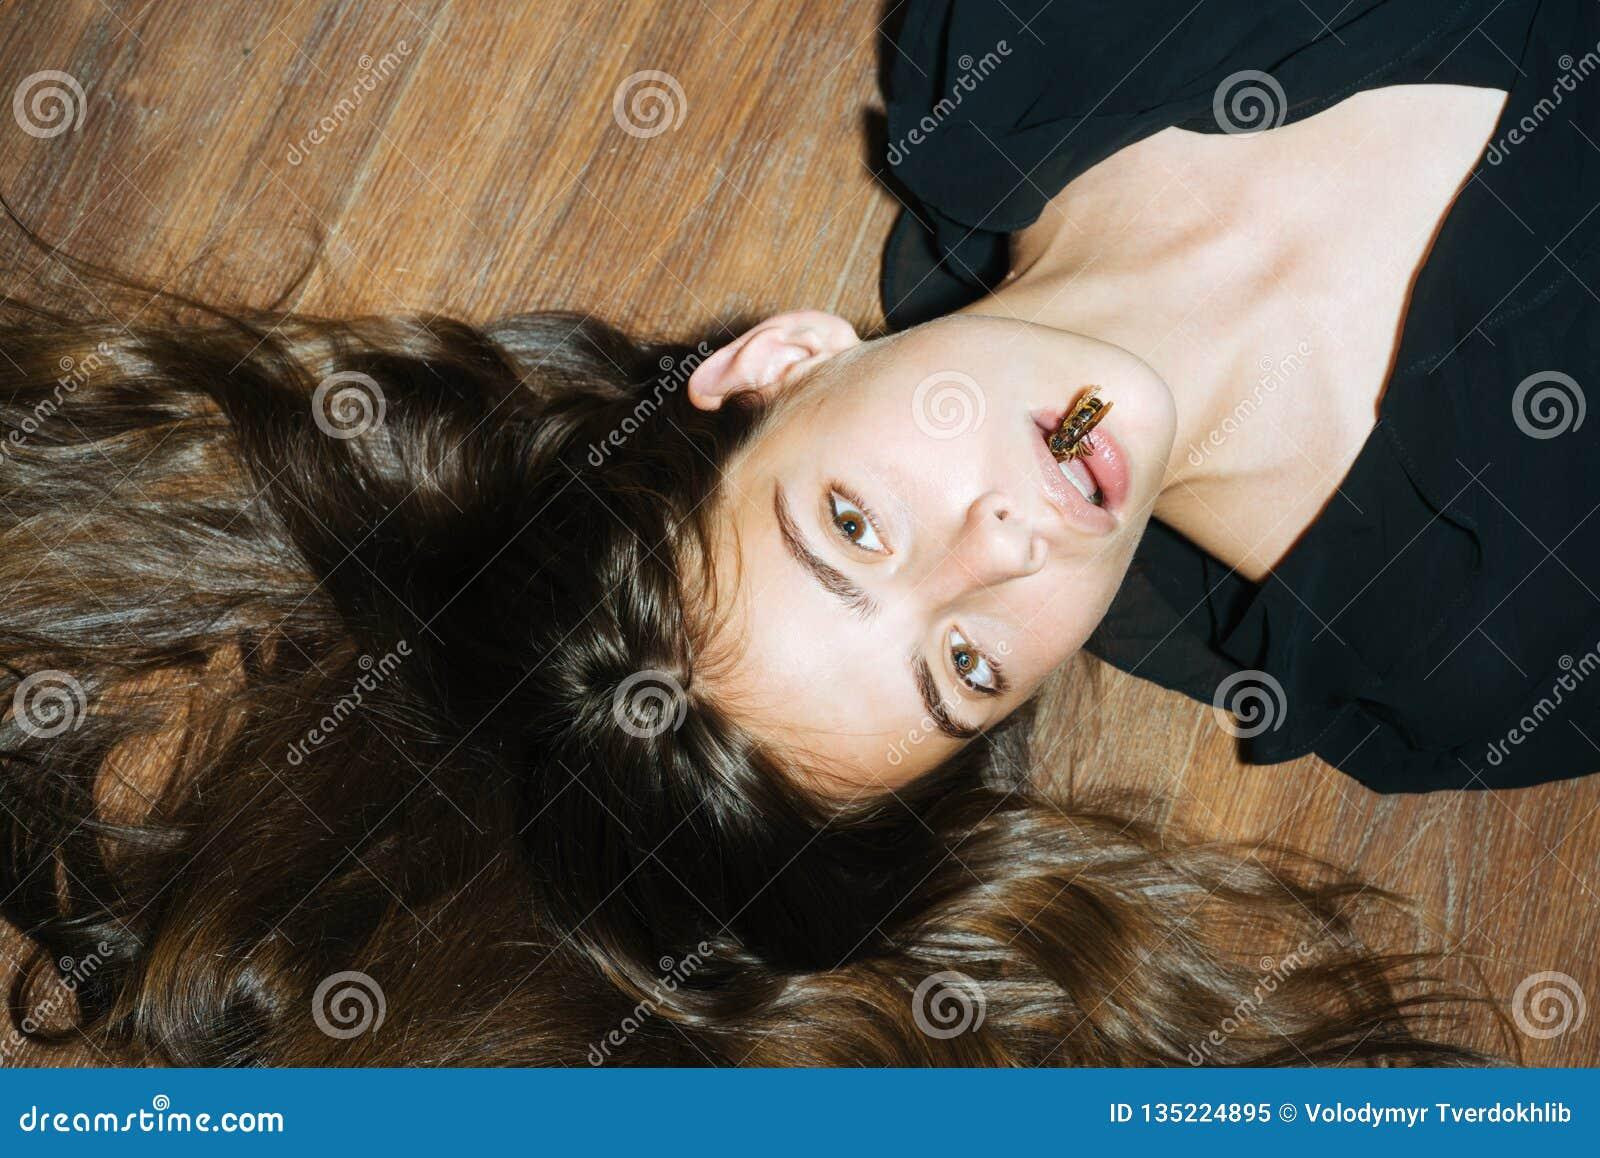 Девушка с пчелой затягивать лицевой подтяжки лица кожи Партия masquerade хеллоуина Девушка моды красоты с пчелой на губах